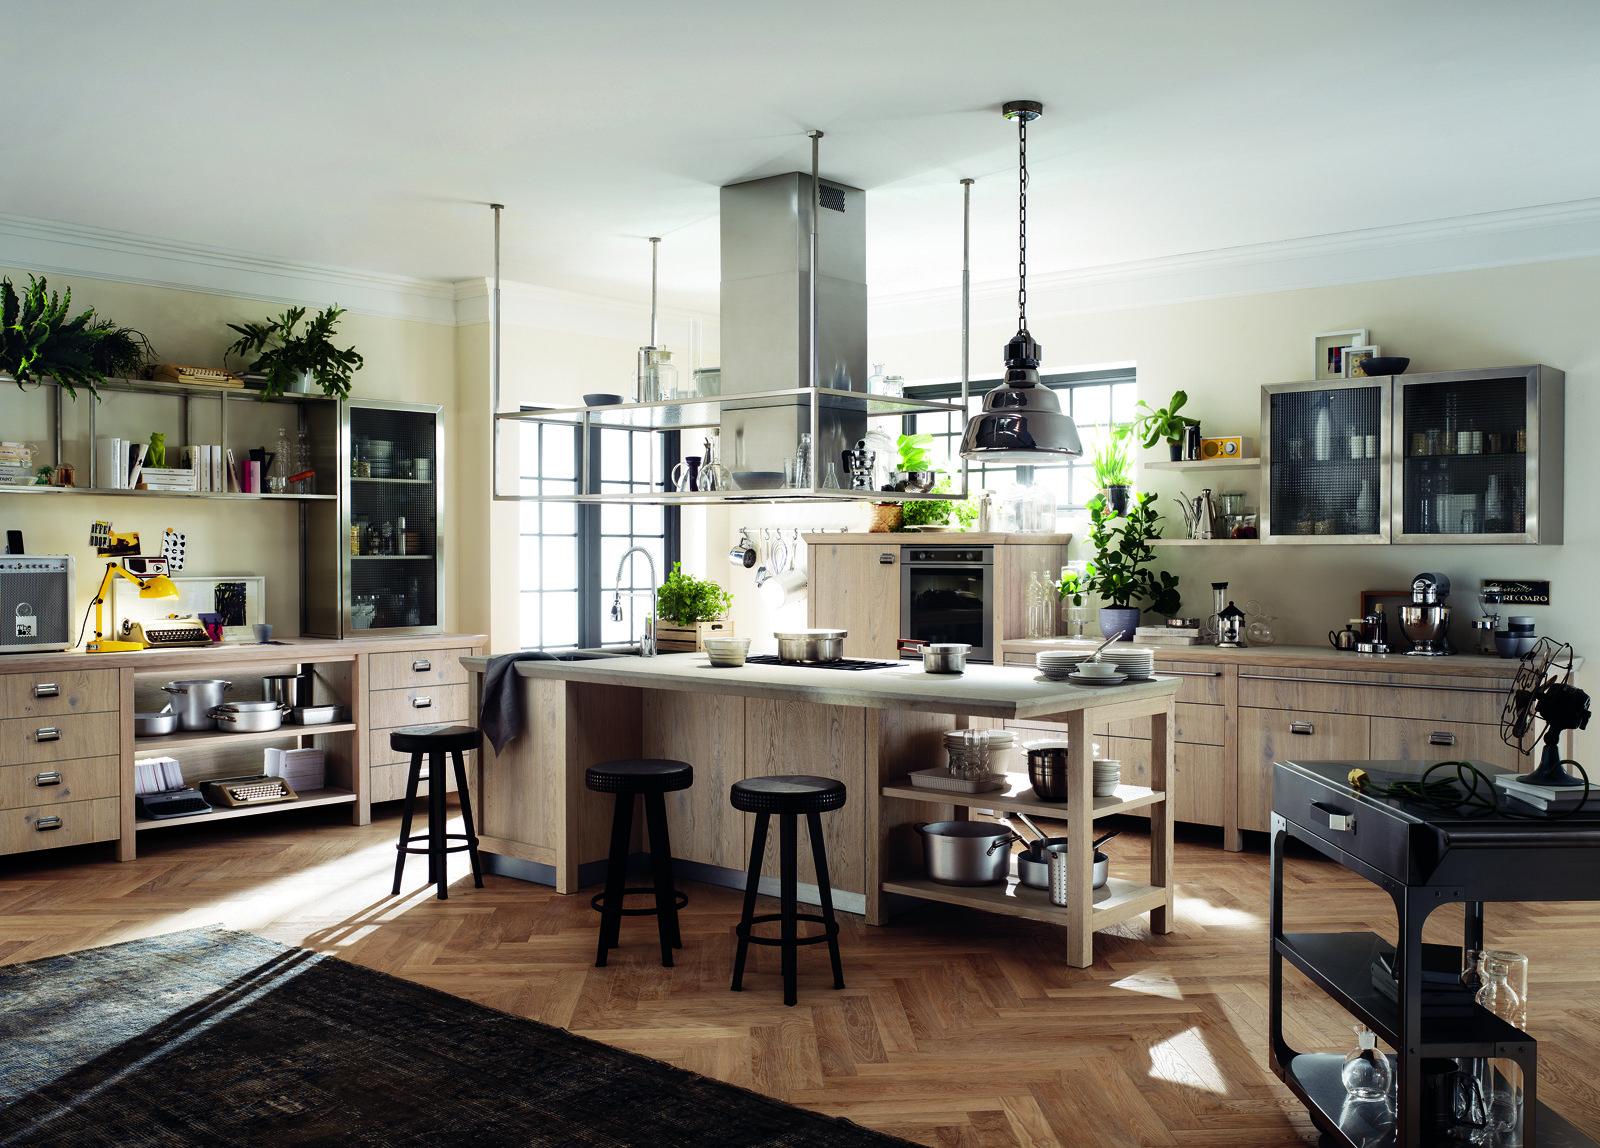 Cucina scavolini con diesel soluzioni di design per un atmosfera vintage cose di casa - Cucina con cappa a vista ...